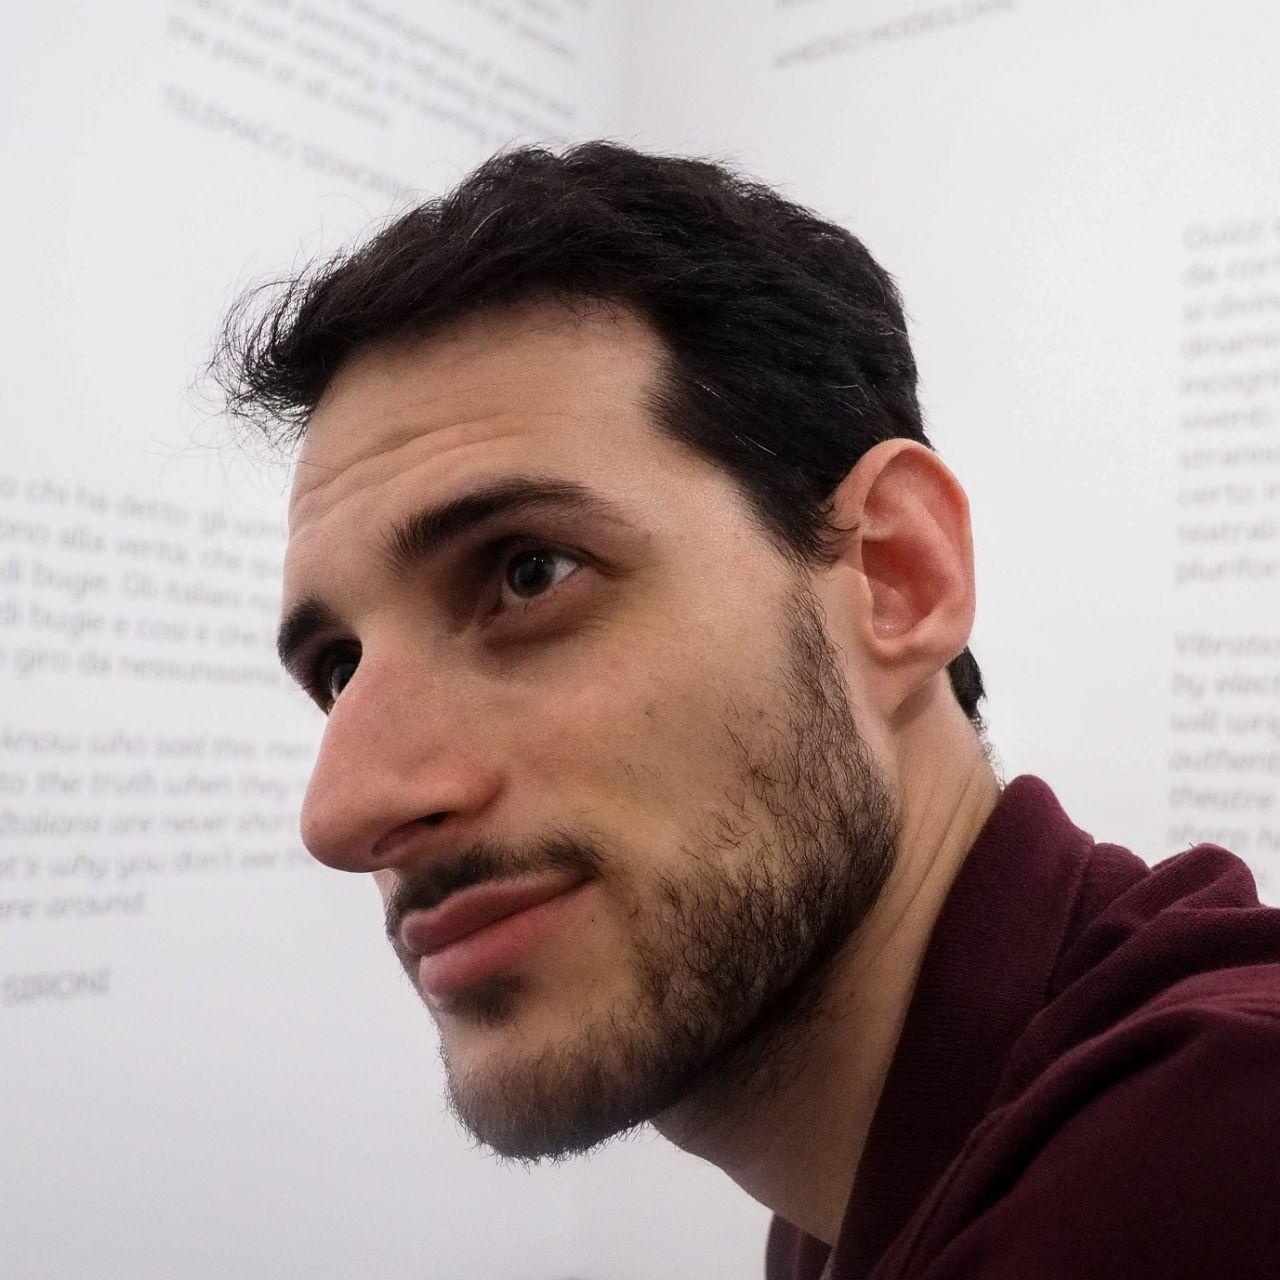 Antonino Furnari : Research Fellow